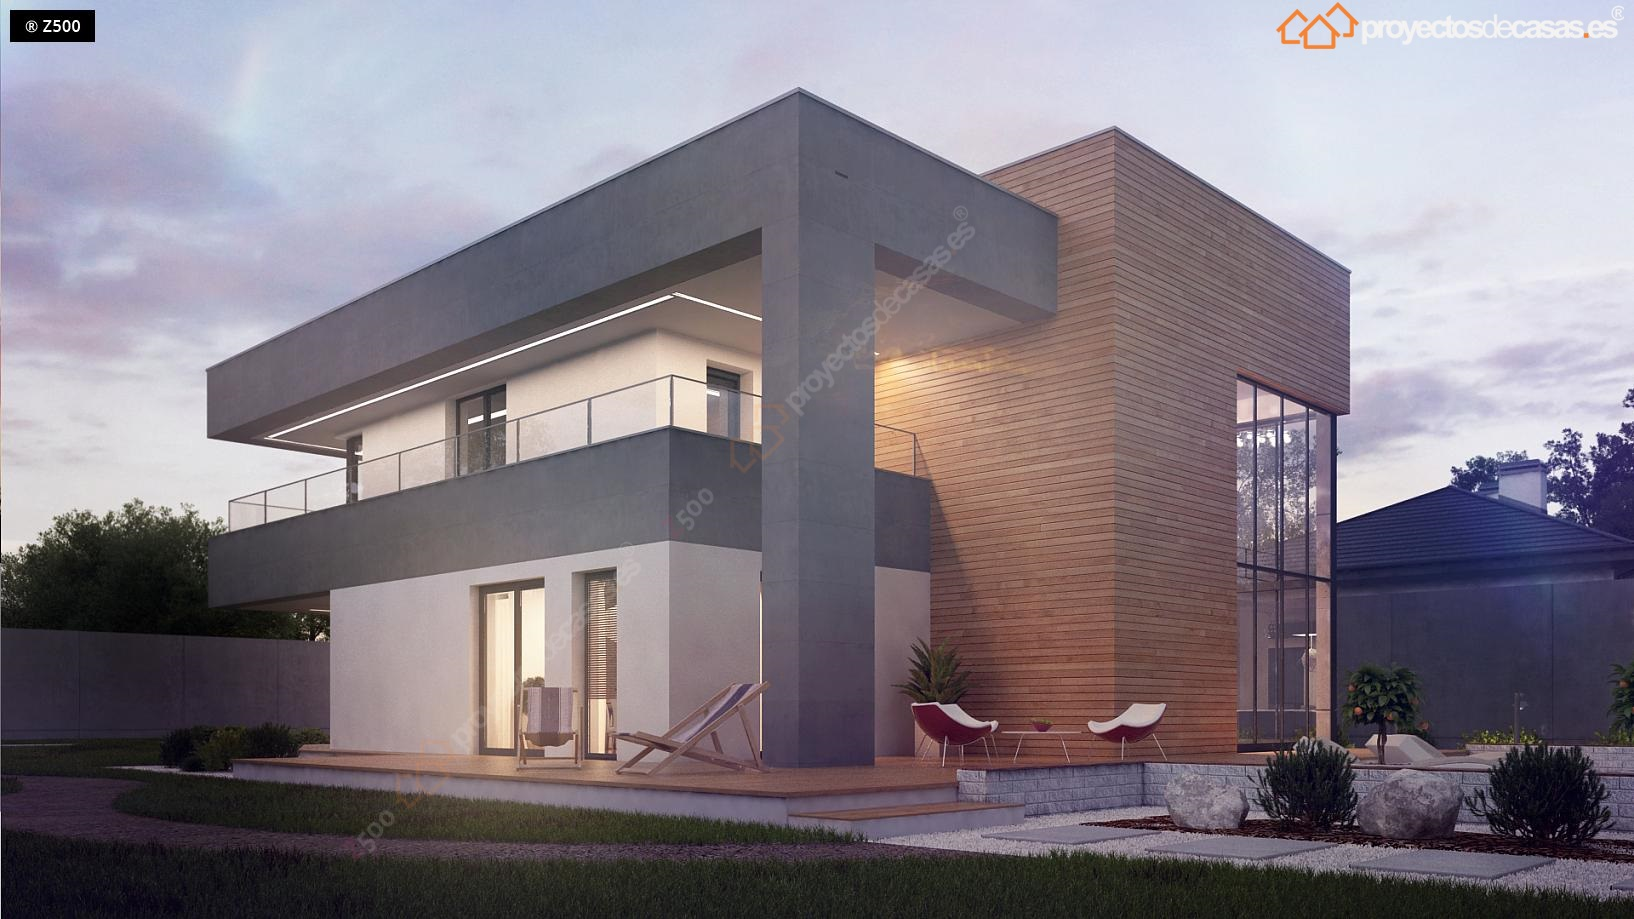 Casas modernas dise o y construcci n casa alicante Casas modernas precio construccion